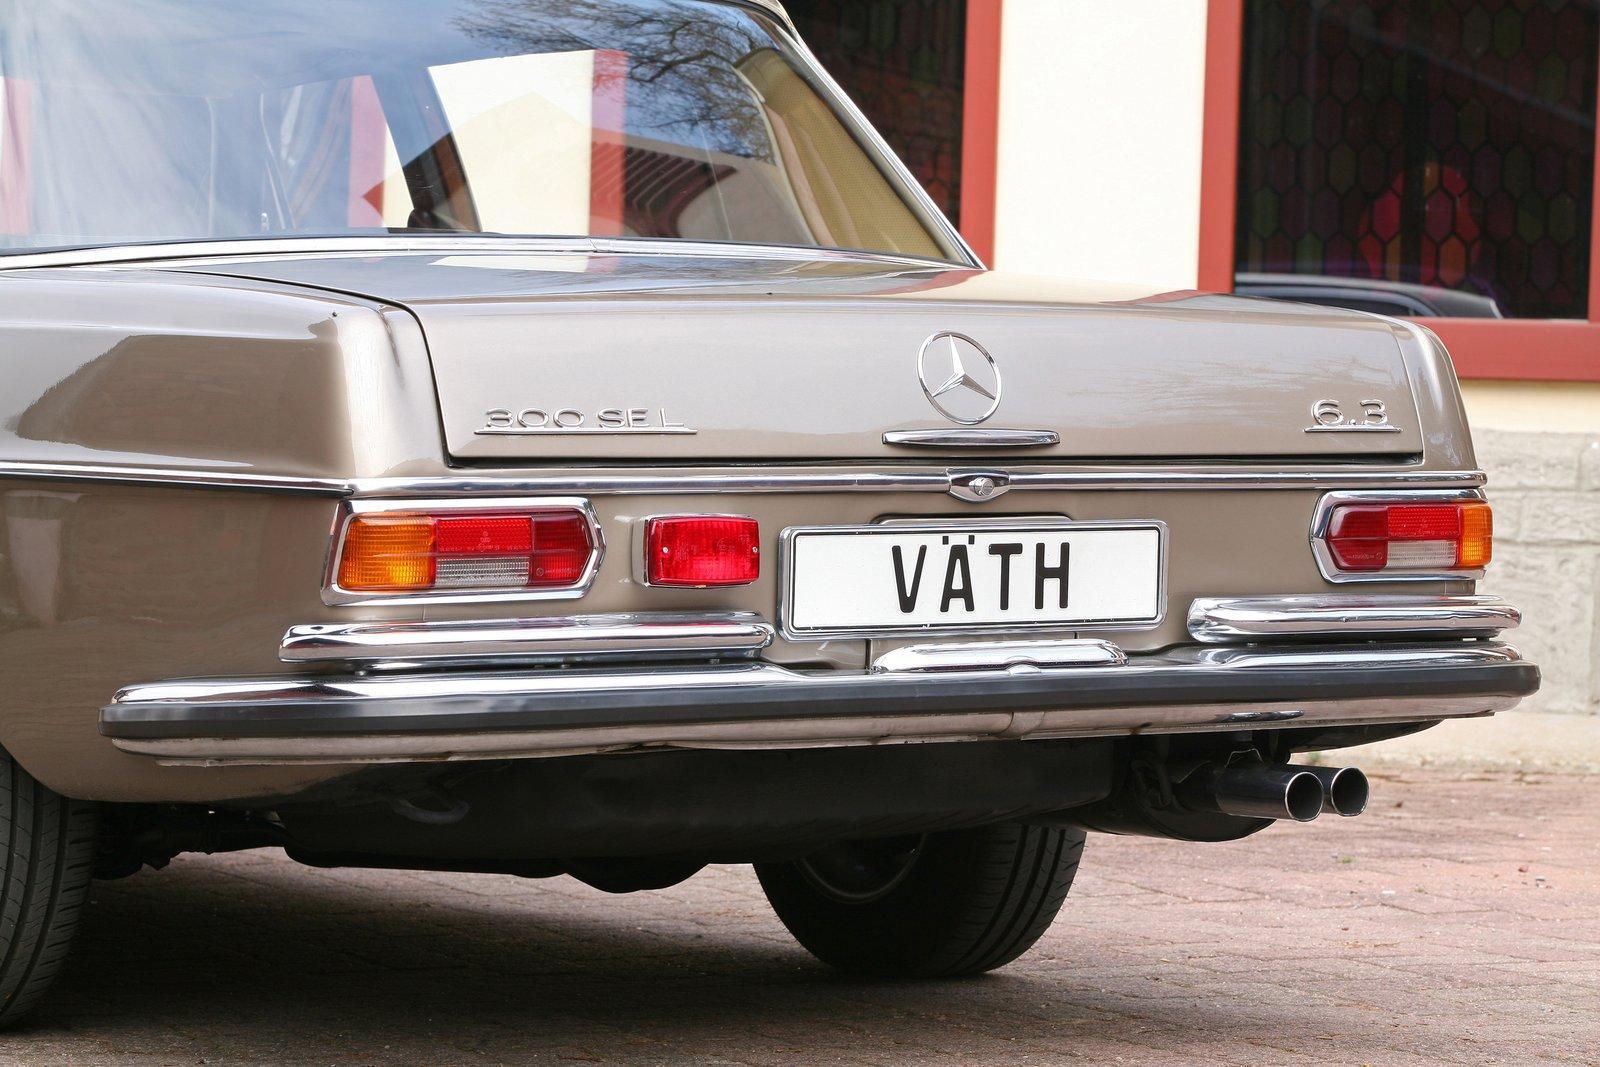 vath restores mercedes-benz 300 sel 6 3